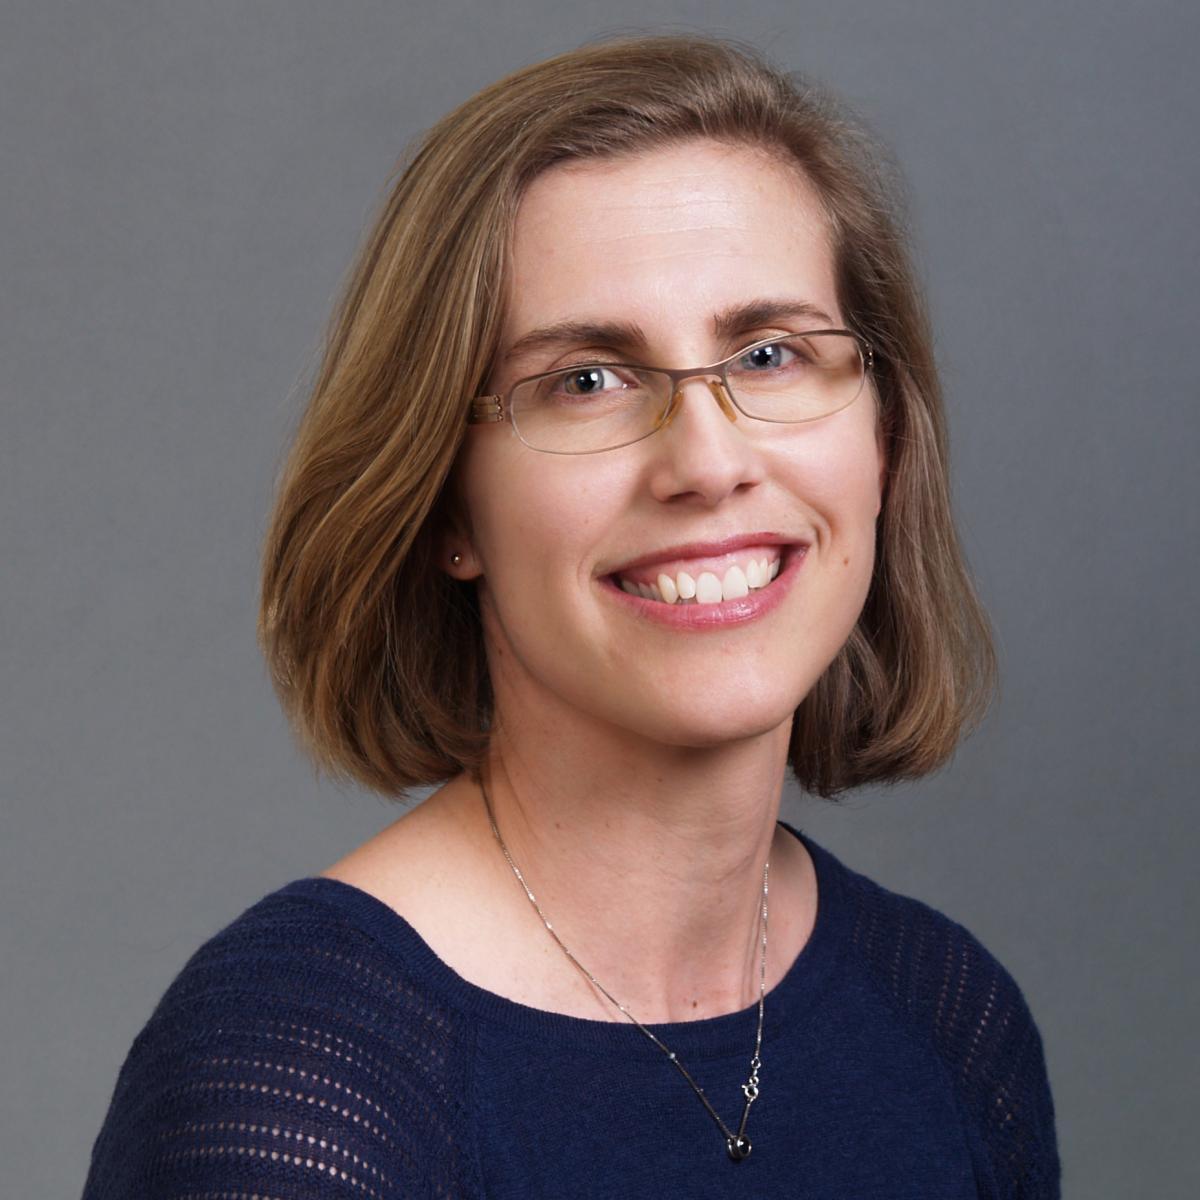 Kate L. Ganski